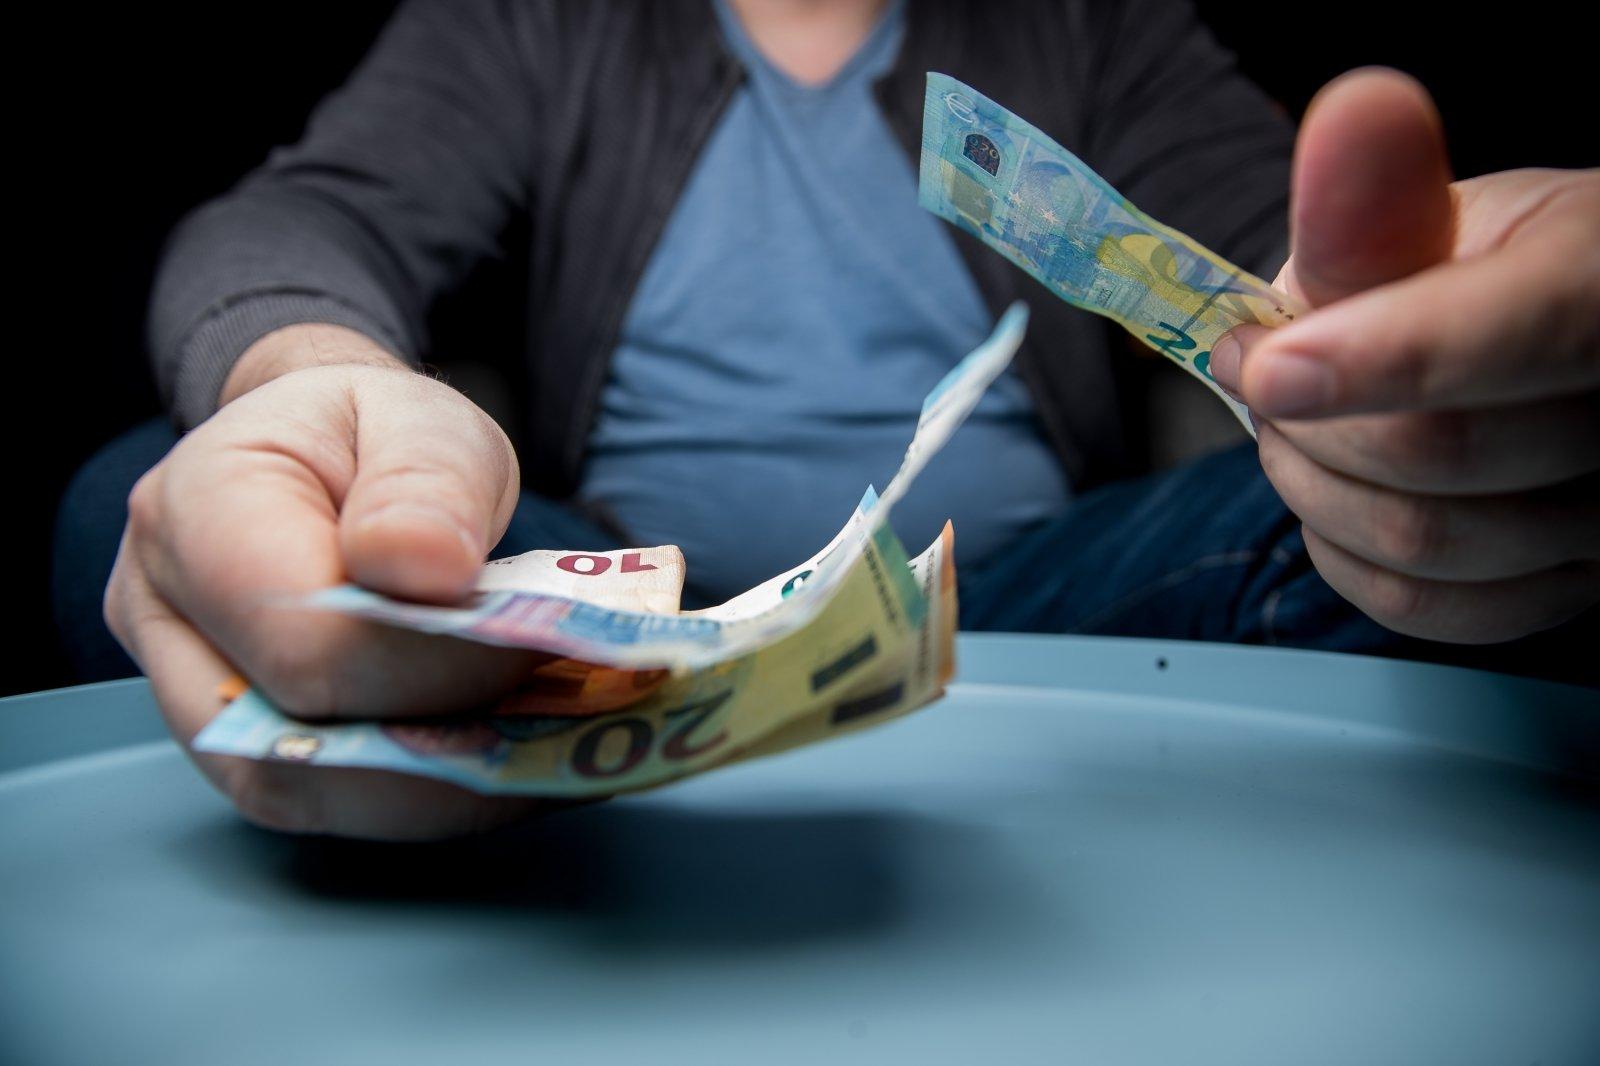 Kaip gerai uždirbti daug pinigų lengva - Skleisti valdymo galimybes